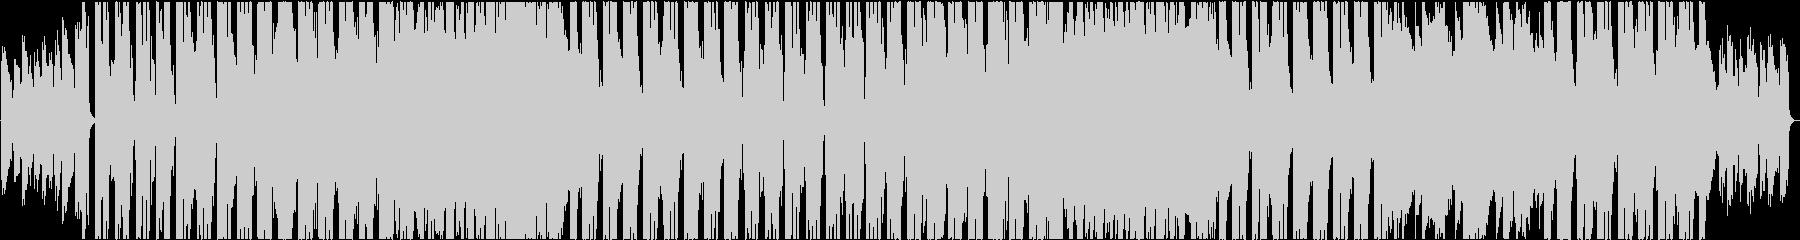 フューチャーポップ.オリエンタル風の未再生の波形